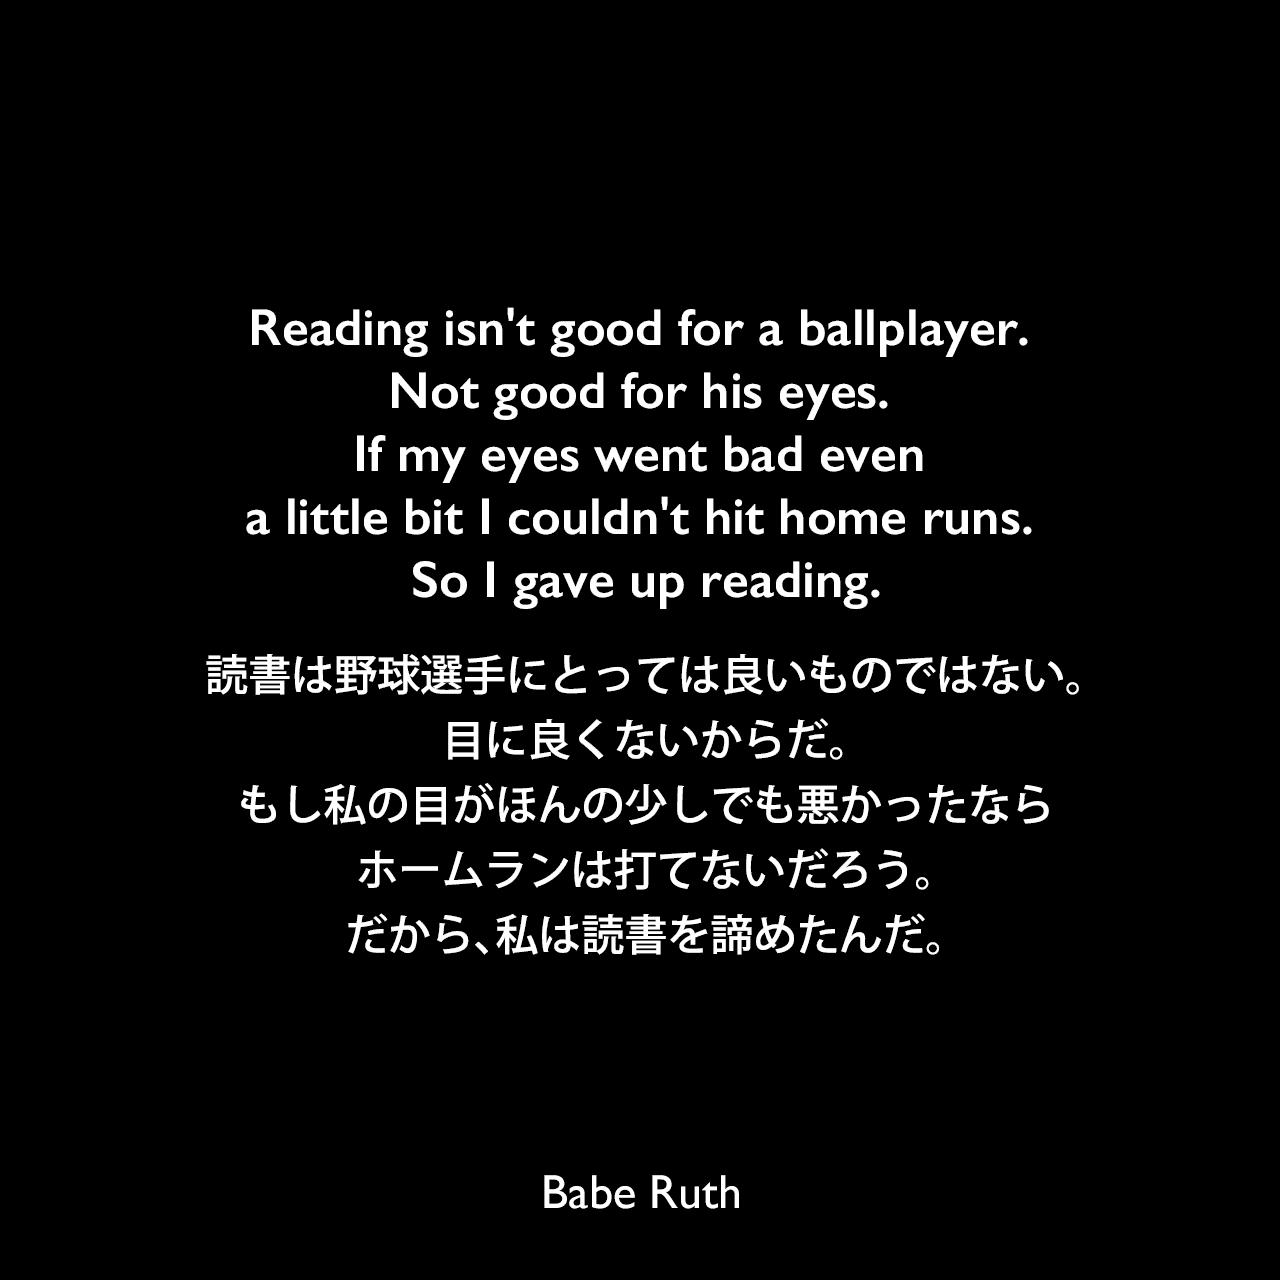 Reading isn't good for a ballplayer. Not good for his eyes. If my eyes went bad even a little bit I couldn't hit home runs. So I gave up reading.読書は野球選手にとっては良いものではない。目に良くないからだ。もし私の目がほんの少しでも悪かったなら、ホームランは打てないだろう。だから、私は読書を諦めたんだ。Babe Ruth